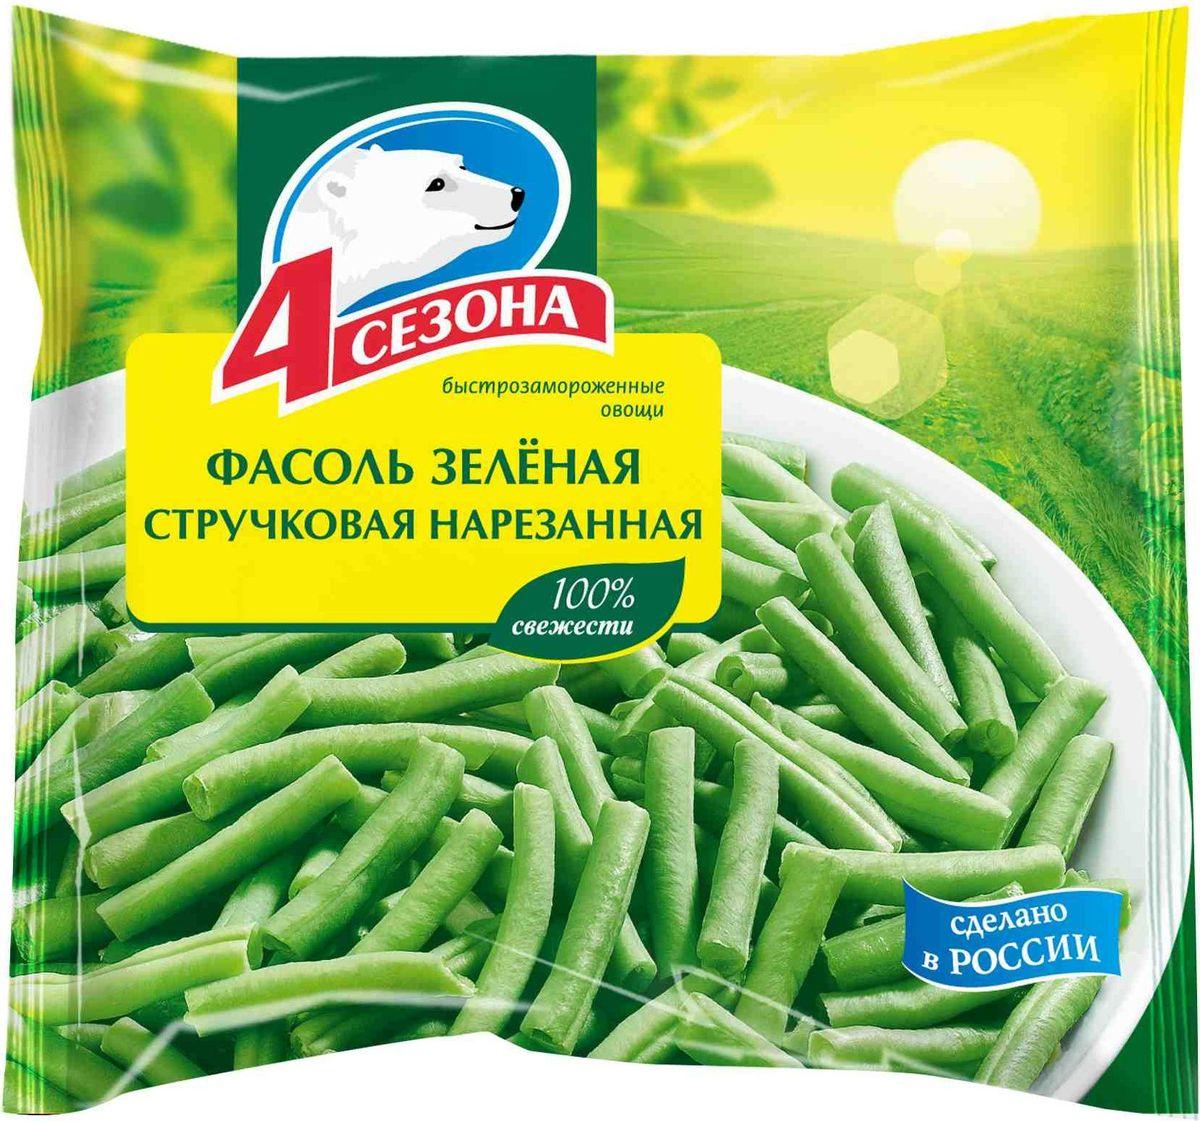 4 Сезона Фасоль зеленая стручковая нарезанная, 400 г